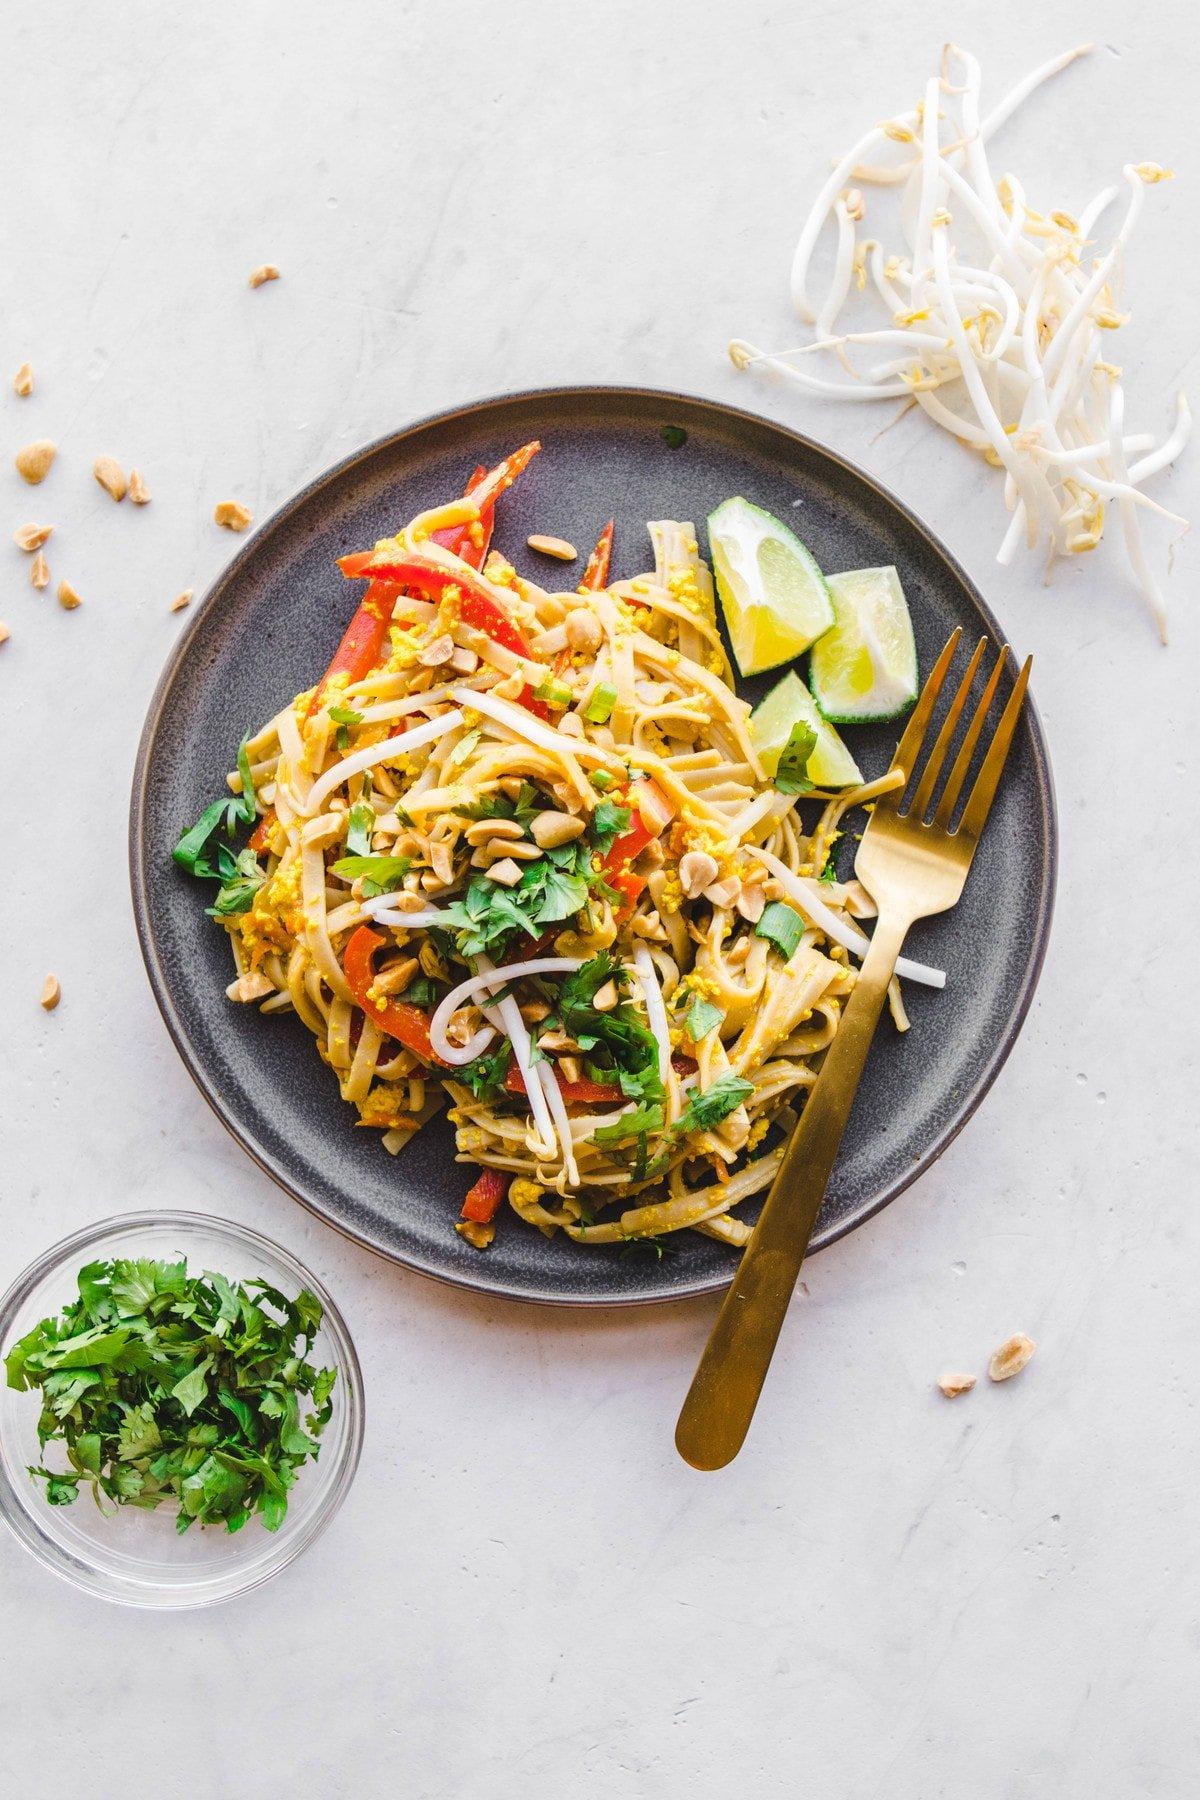 Zhu pan asian vegan cuisine